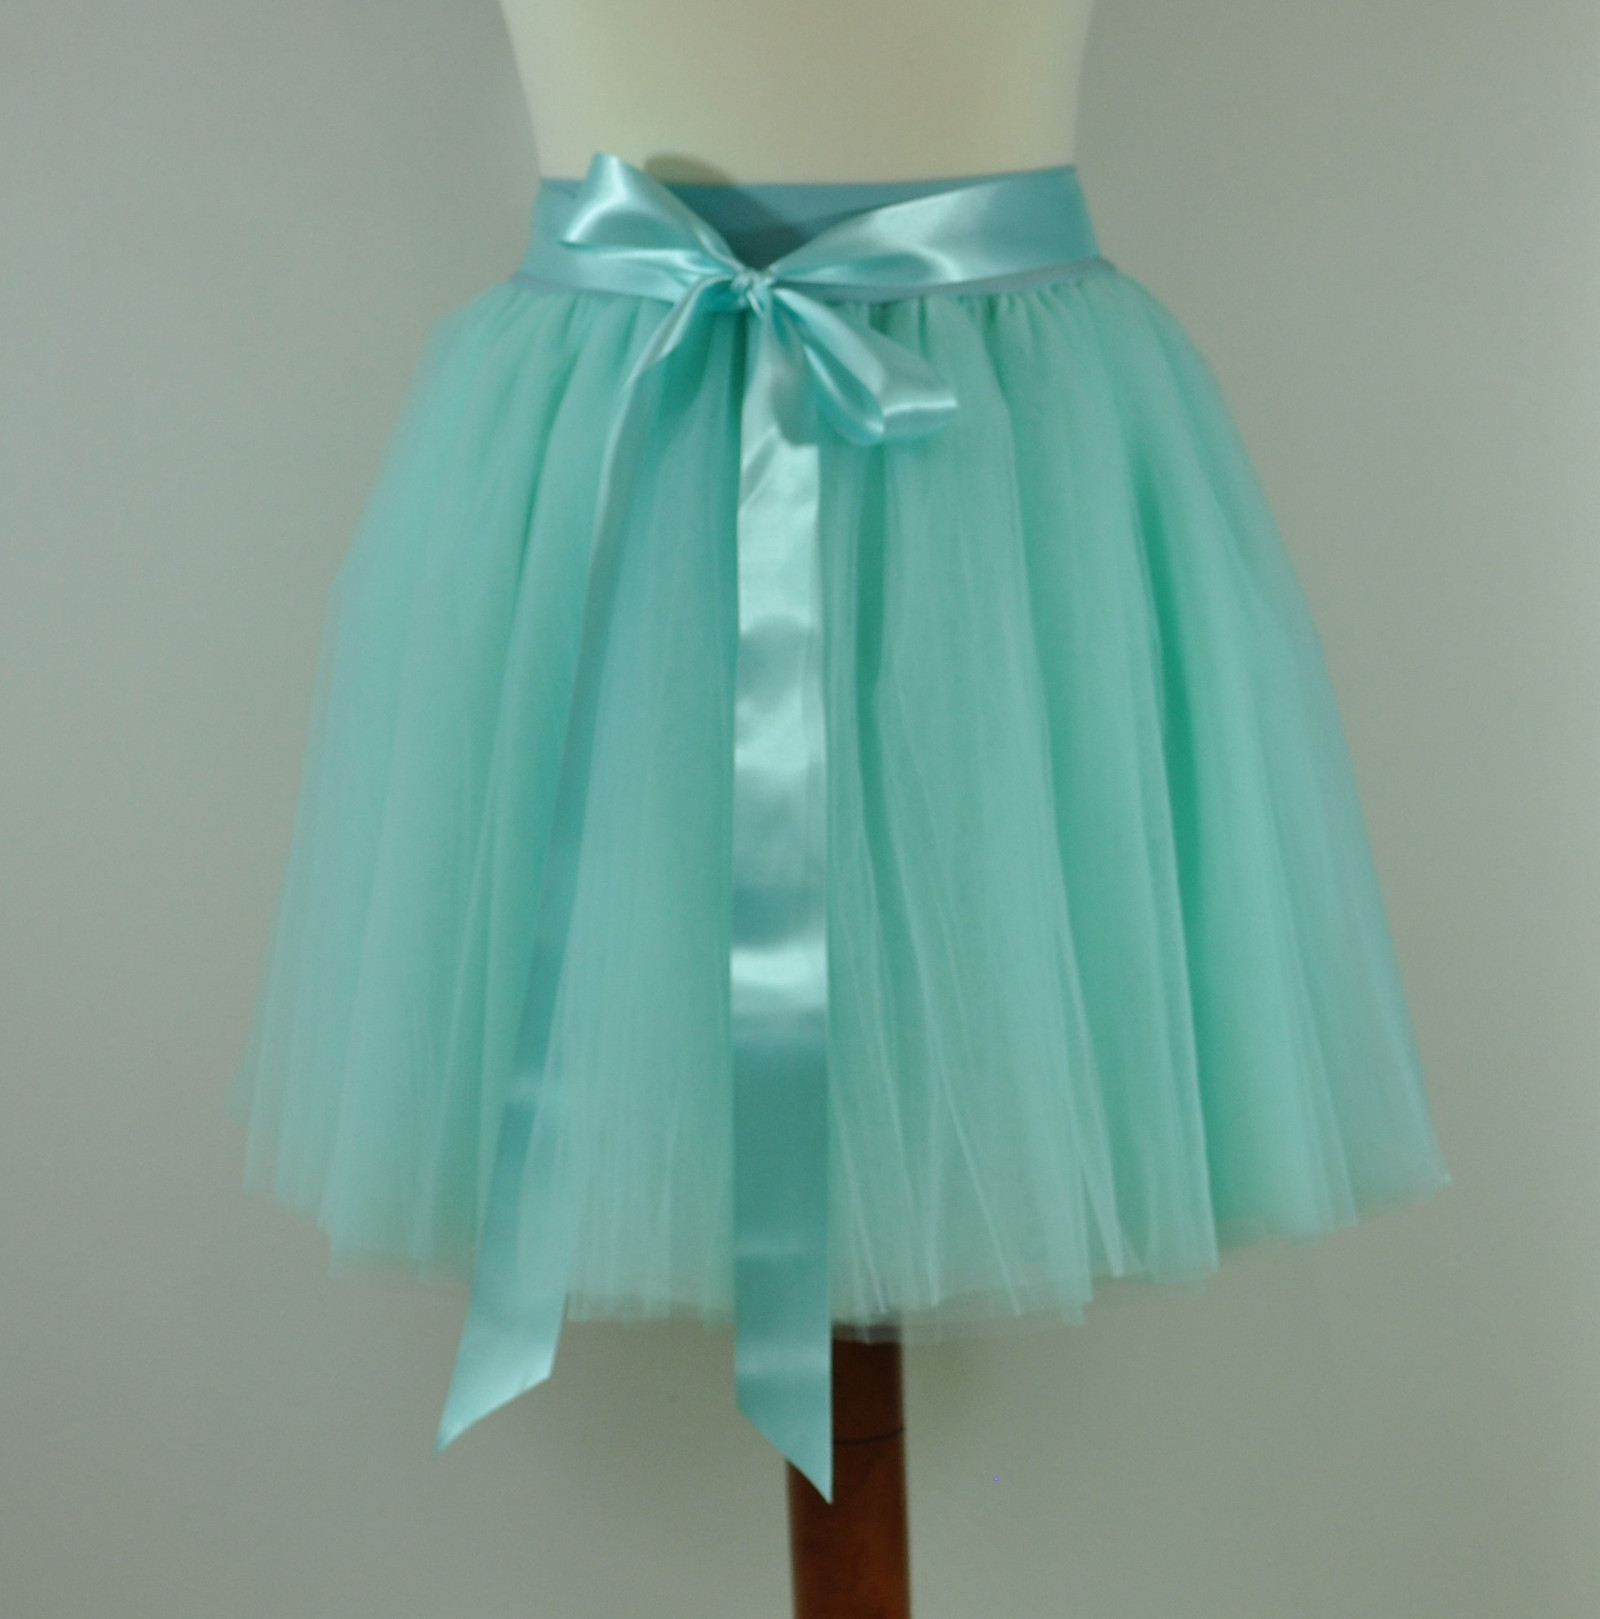 MINT - tylová sukně - 6 vrstev   Zboží prodejce Akromis  7cd184ffbd